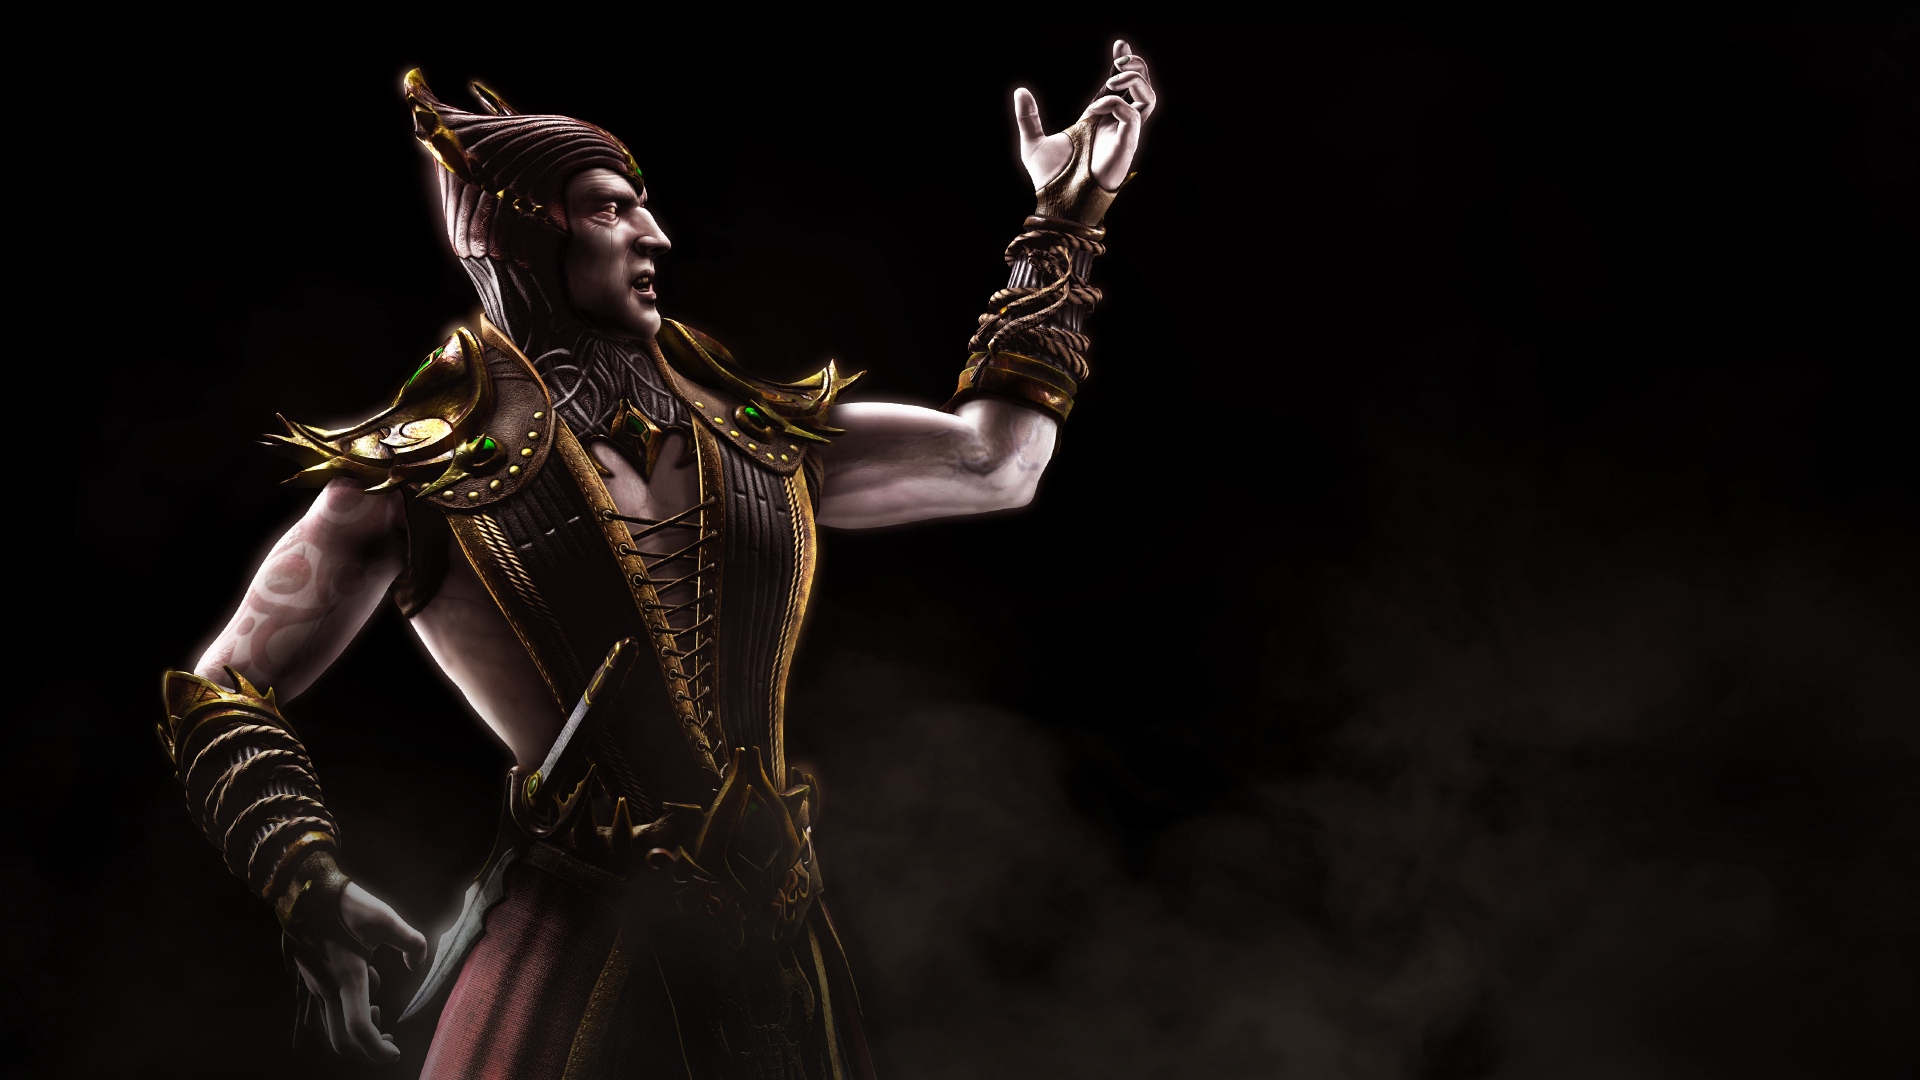 شخصیت شیناک (Shinnok) در مورتال کمبت